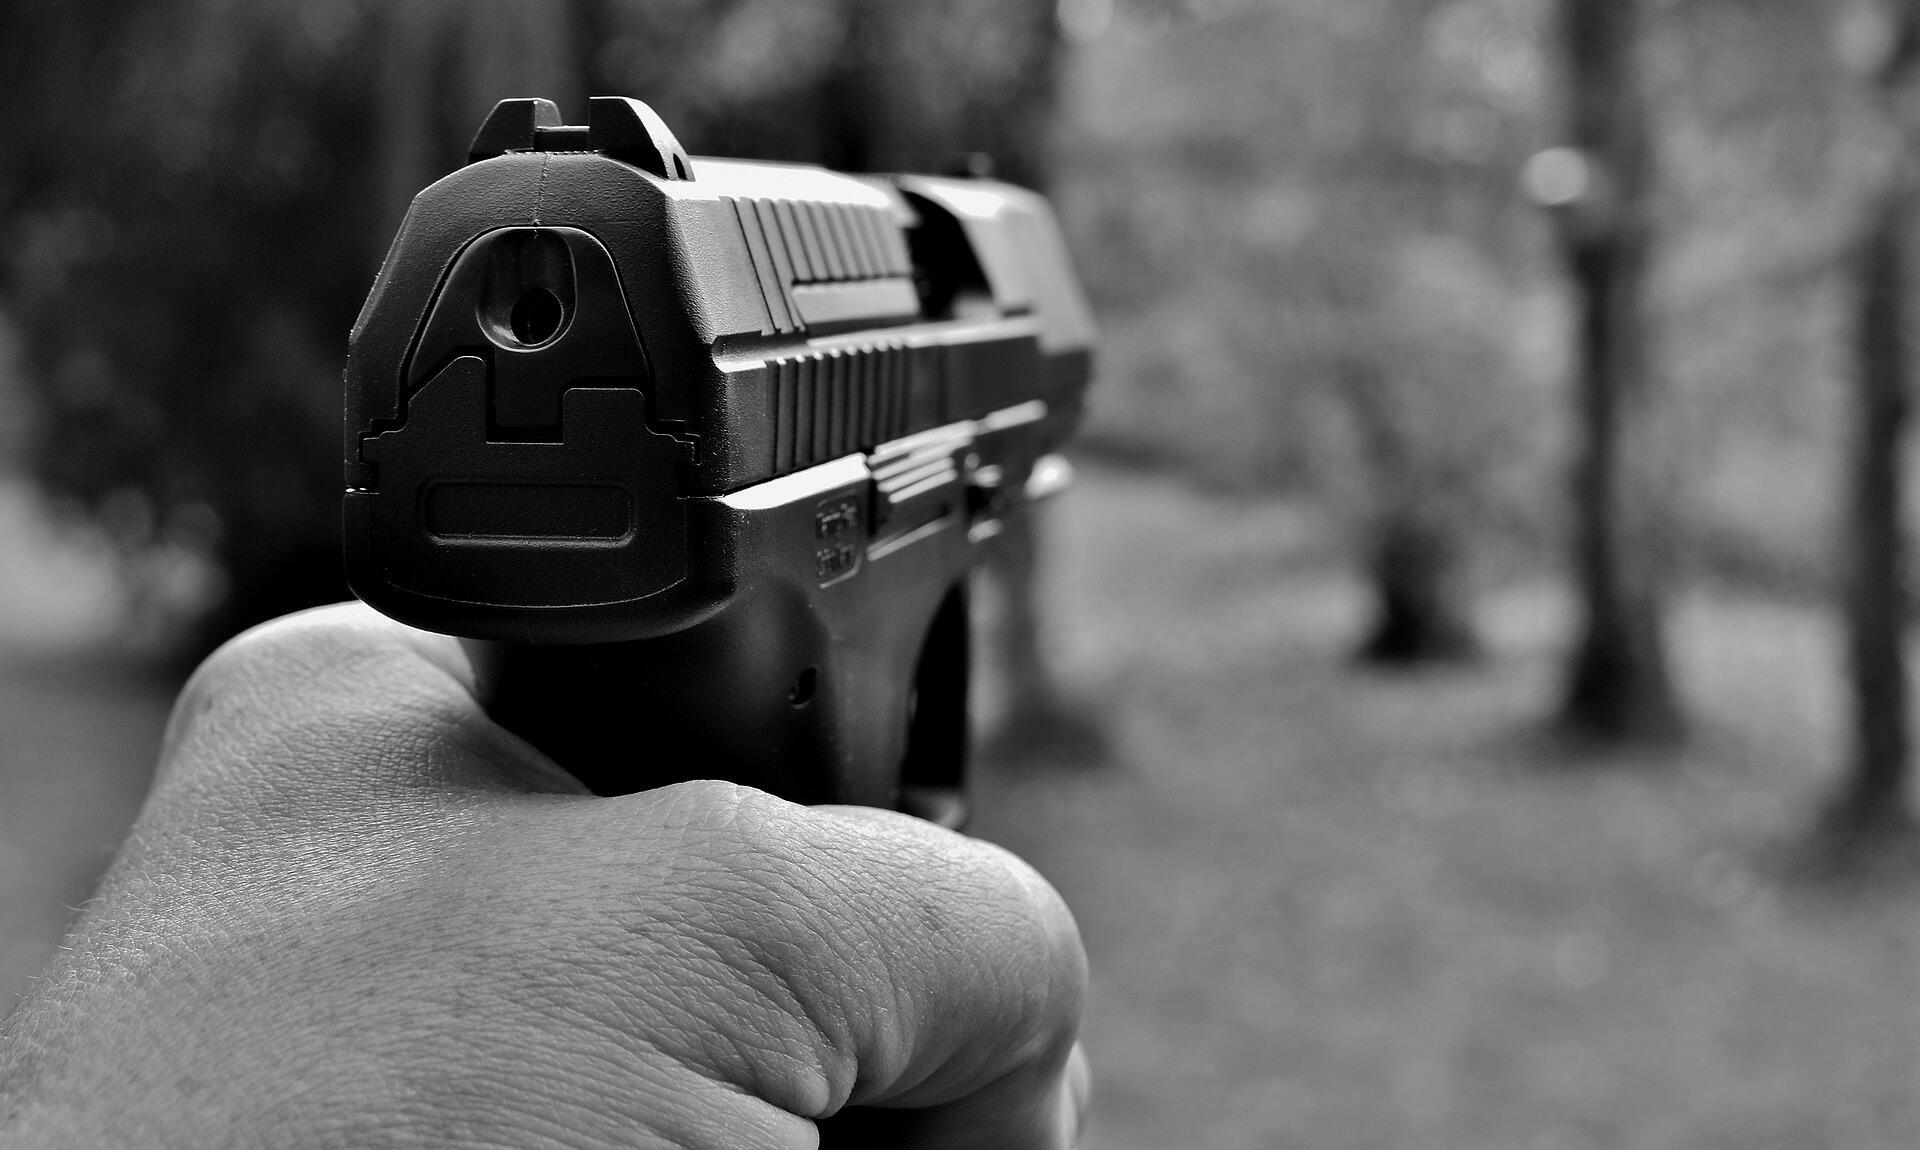 В Париже начнется суд по делу об убийстве саратовского бизнесмена Михаила Ланина